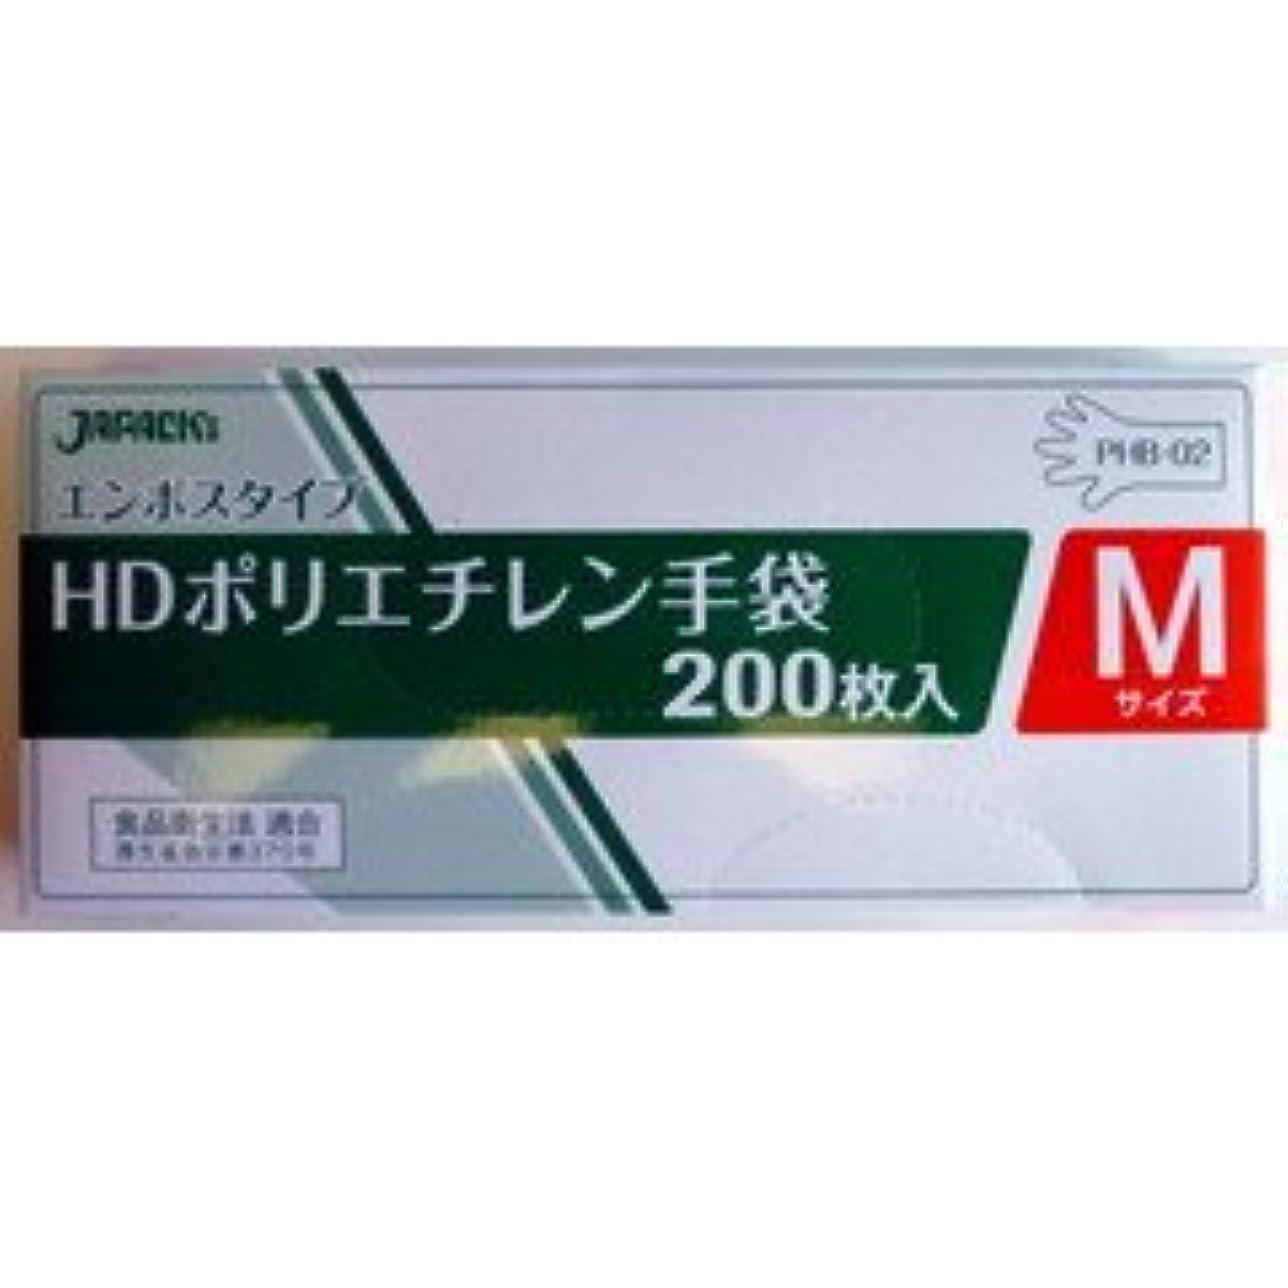 講師ゴミ箱アトミックHDポリエチレン手袋M 200枚箱入